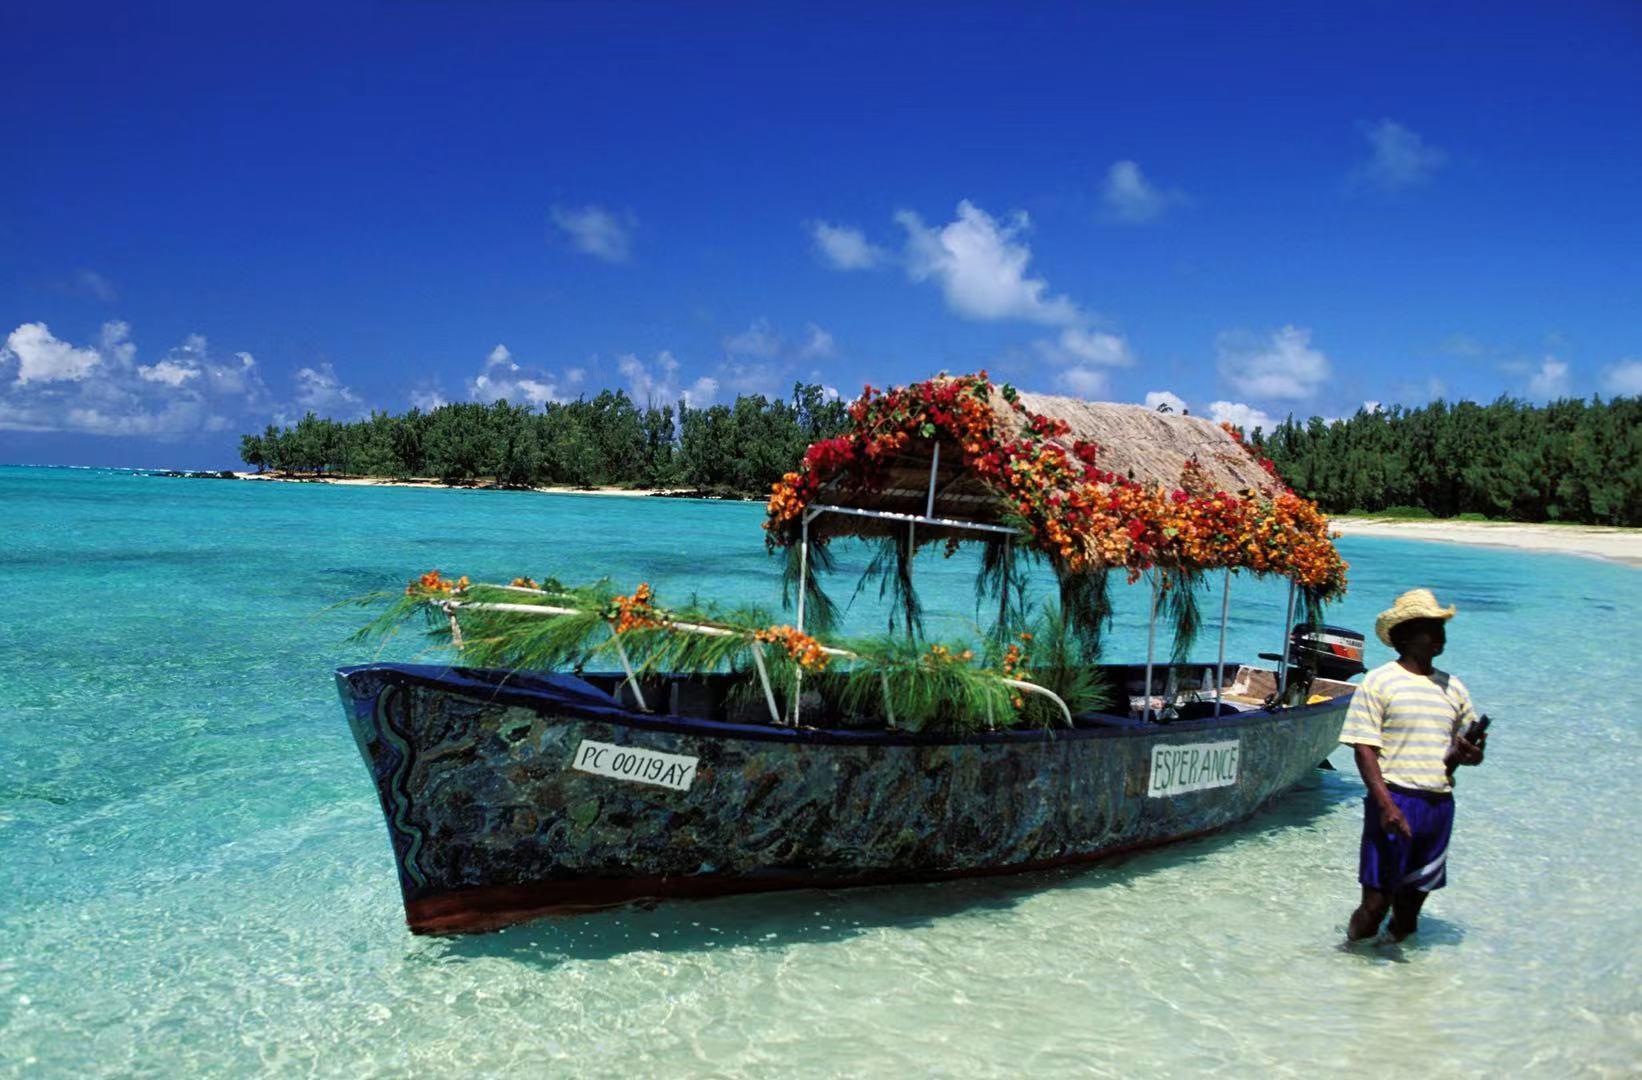 云游四方|7月恢复开放的毛里求斯,除了沙滩岛屿还有七色土